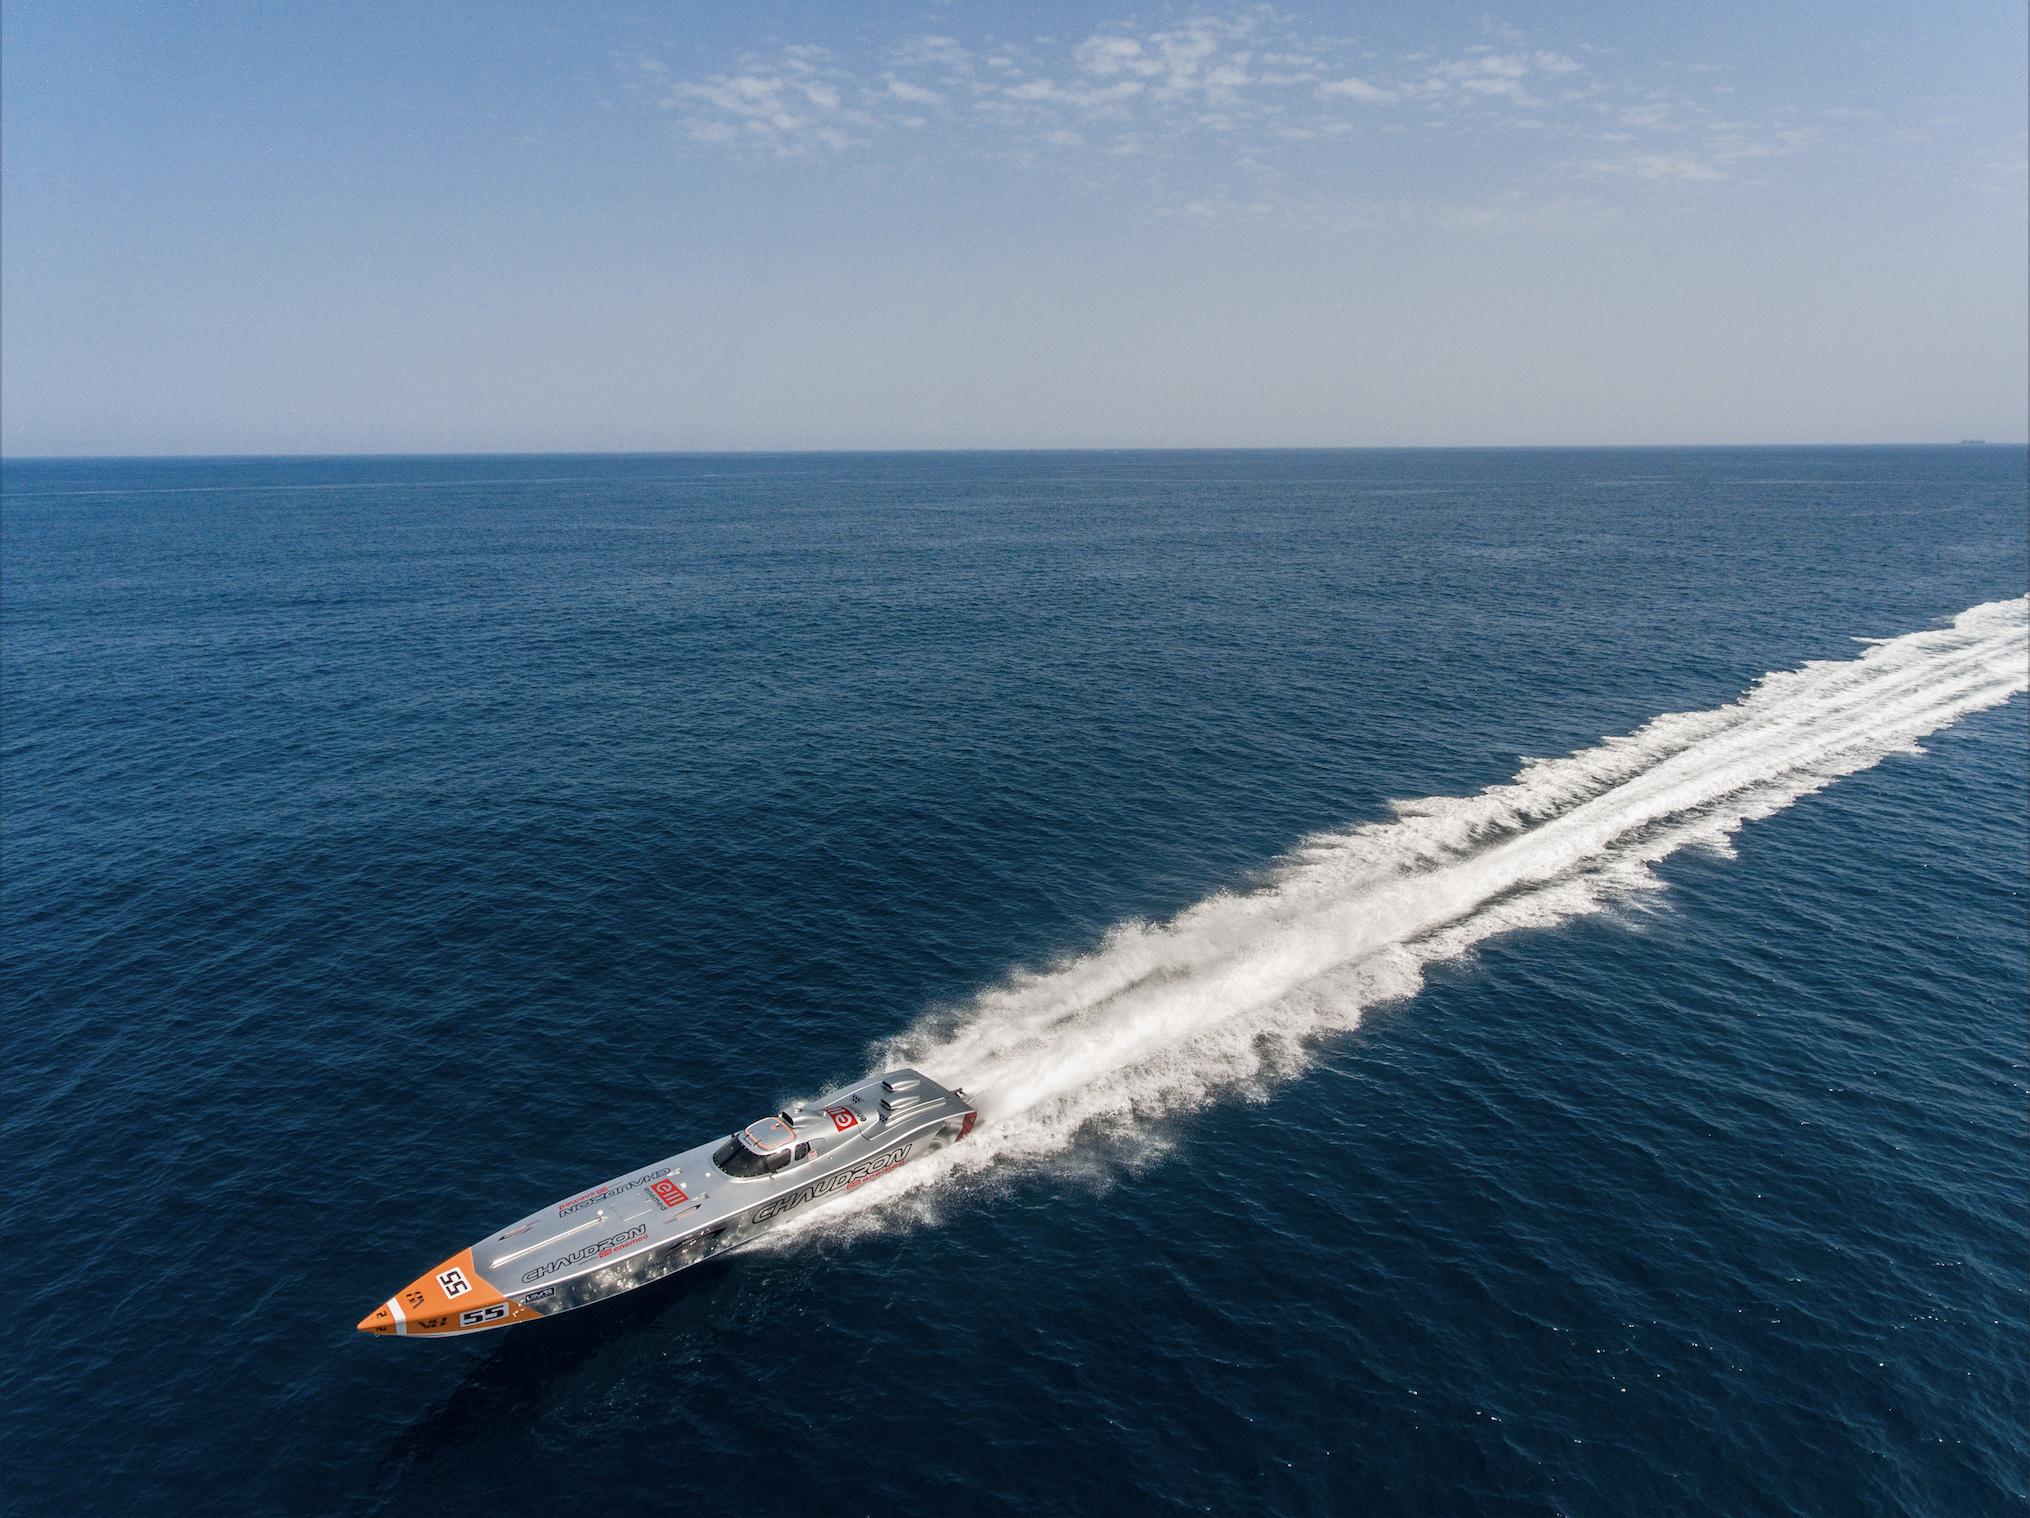 马耳他世界汽艇冠军挑战环航马耳他世界纪录